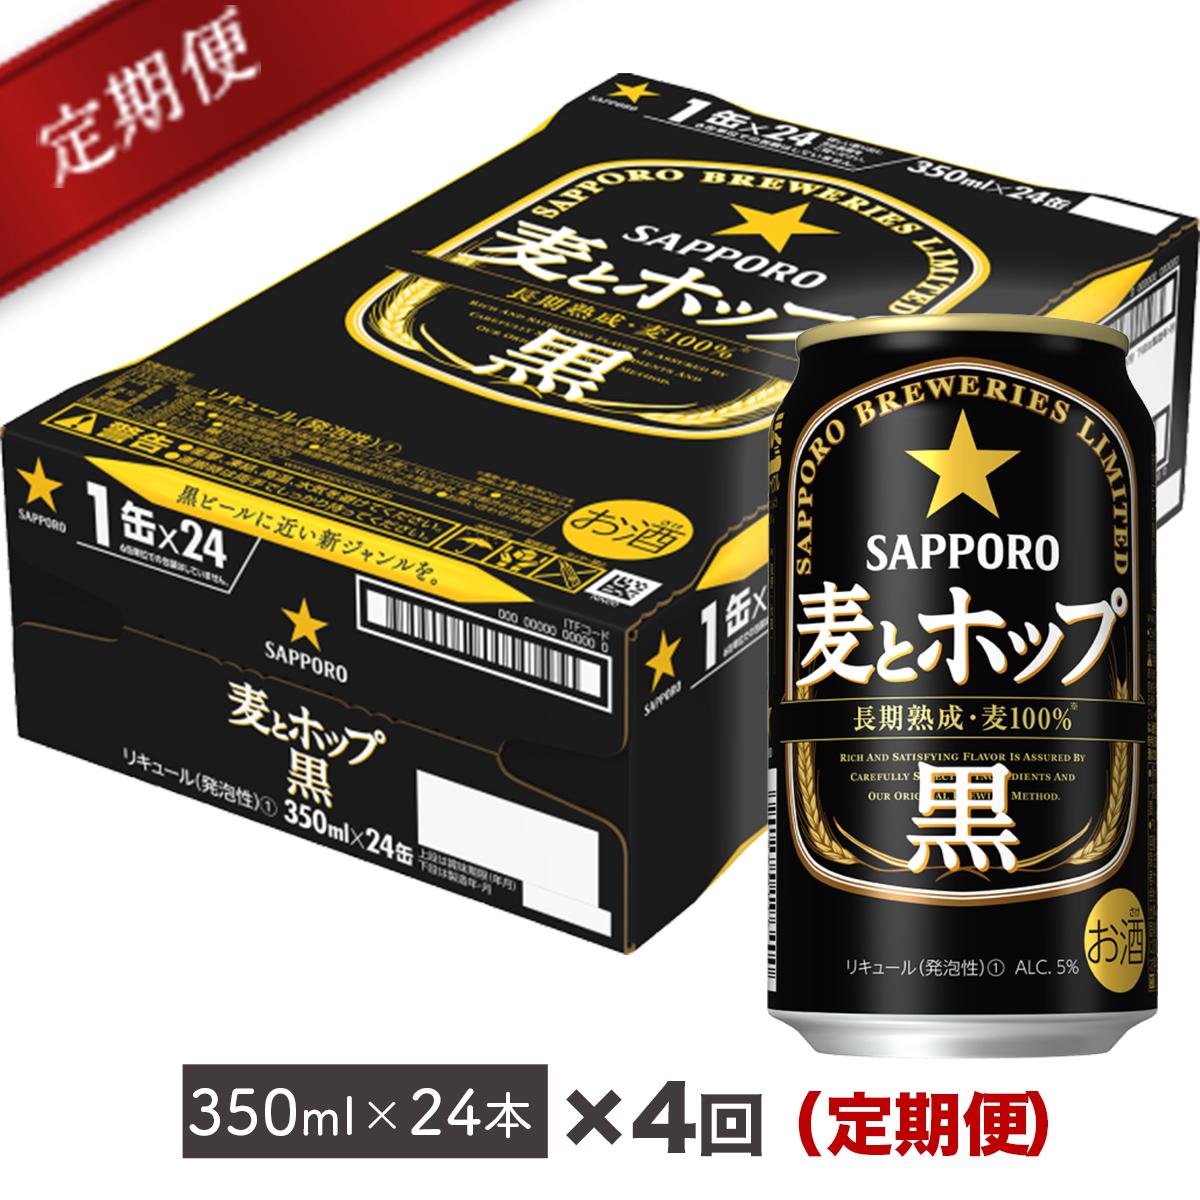 【ふるさと納税】地元名取生産 サッポロ 麦とホップ <黒> 缶350ml×24本(1ケース)x4回お届け